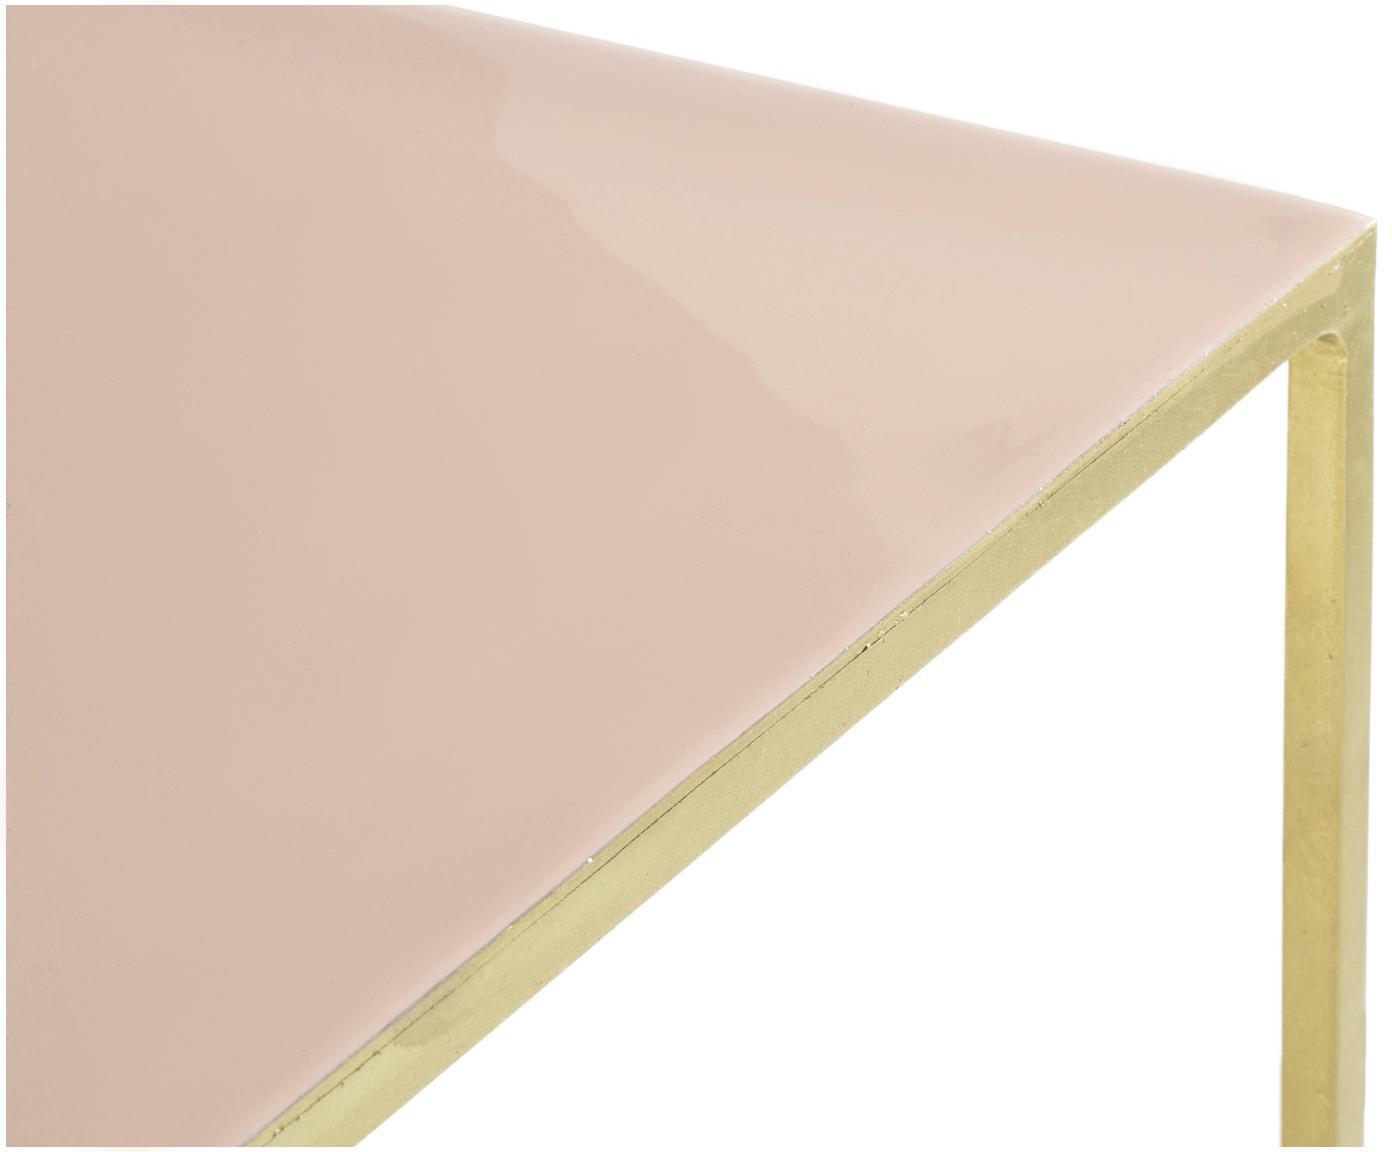 Sidetable Freja van metaal, Frame: gelakt metaal, Tafelblad: geëmailleerd metaal, Messingkleurig, zalmkleurig, B 100 x D 40 cm